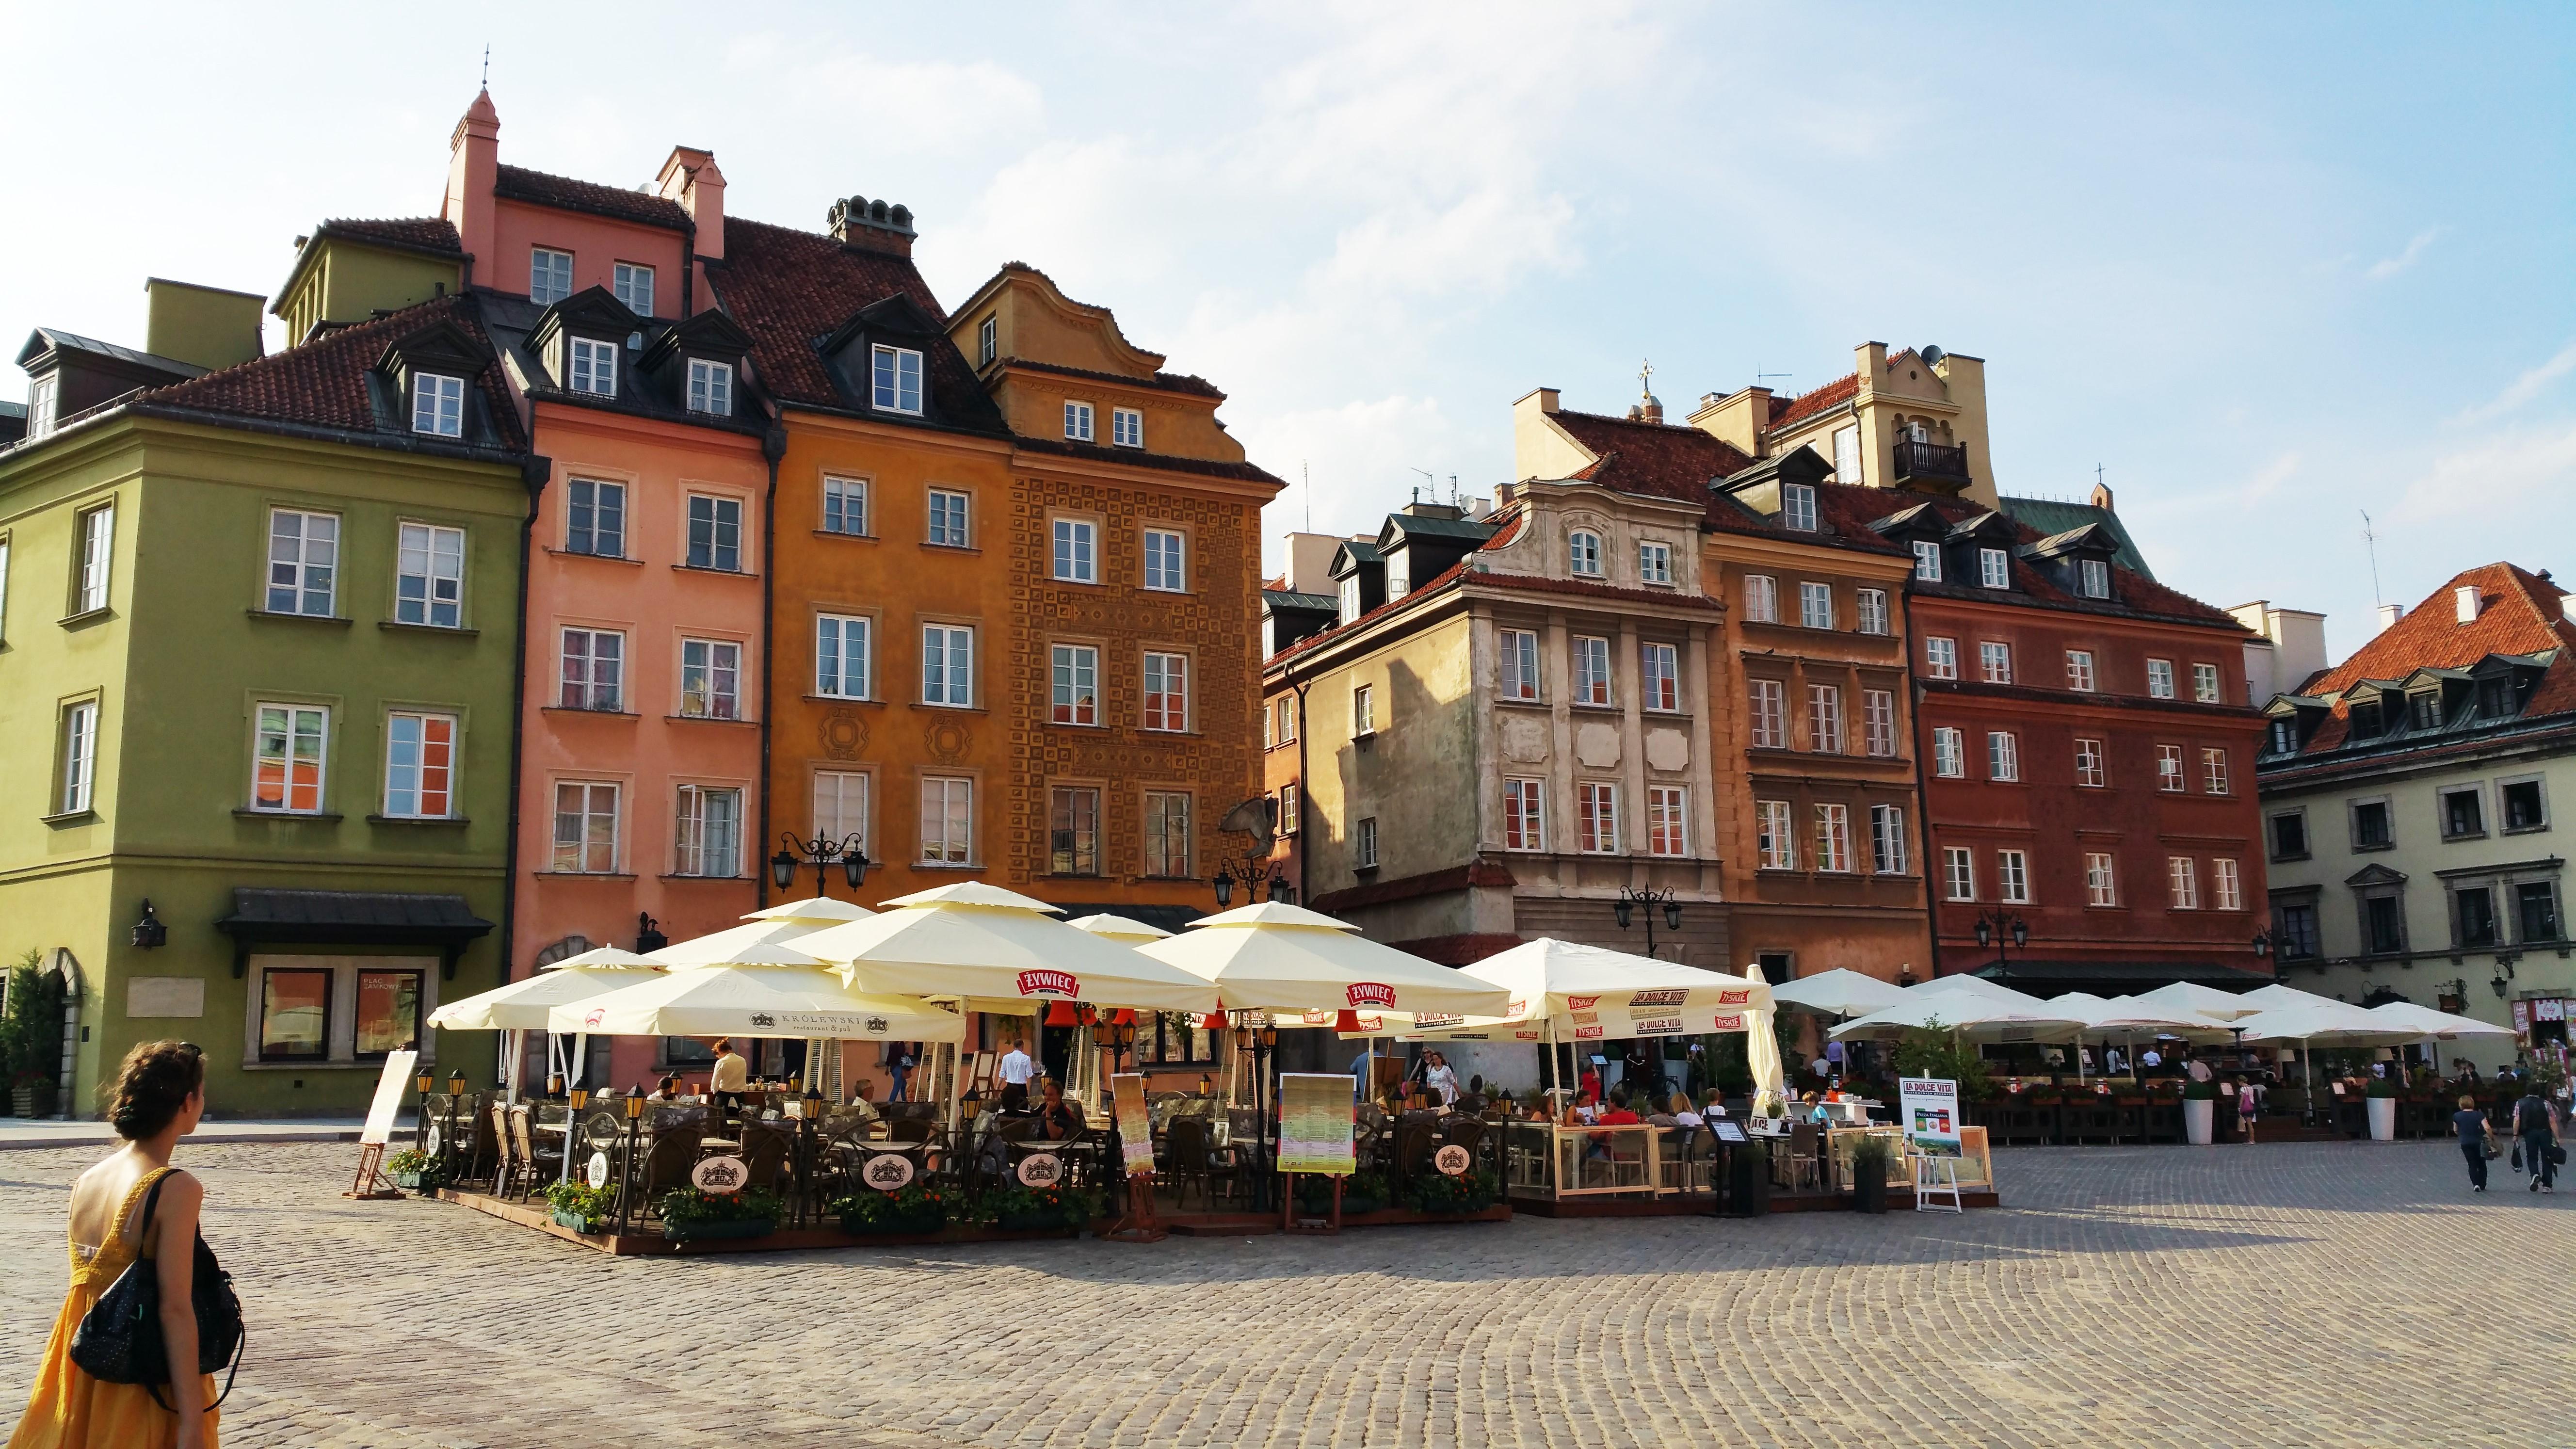 warschau polen stedentrip europa eten diner